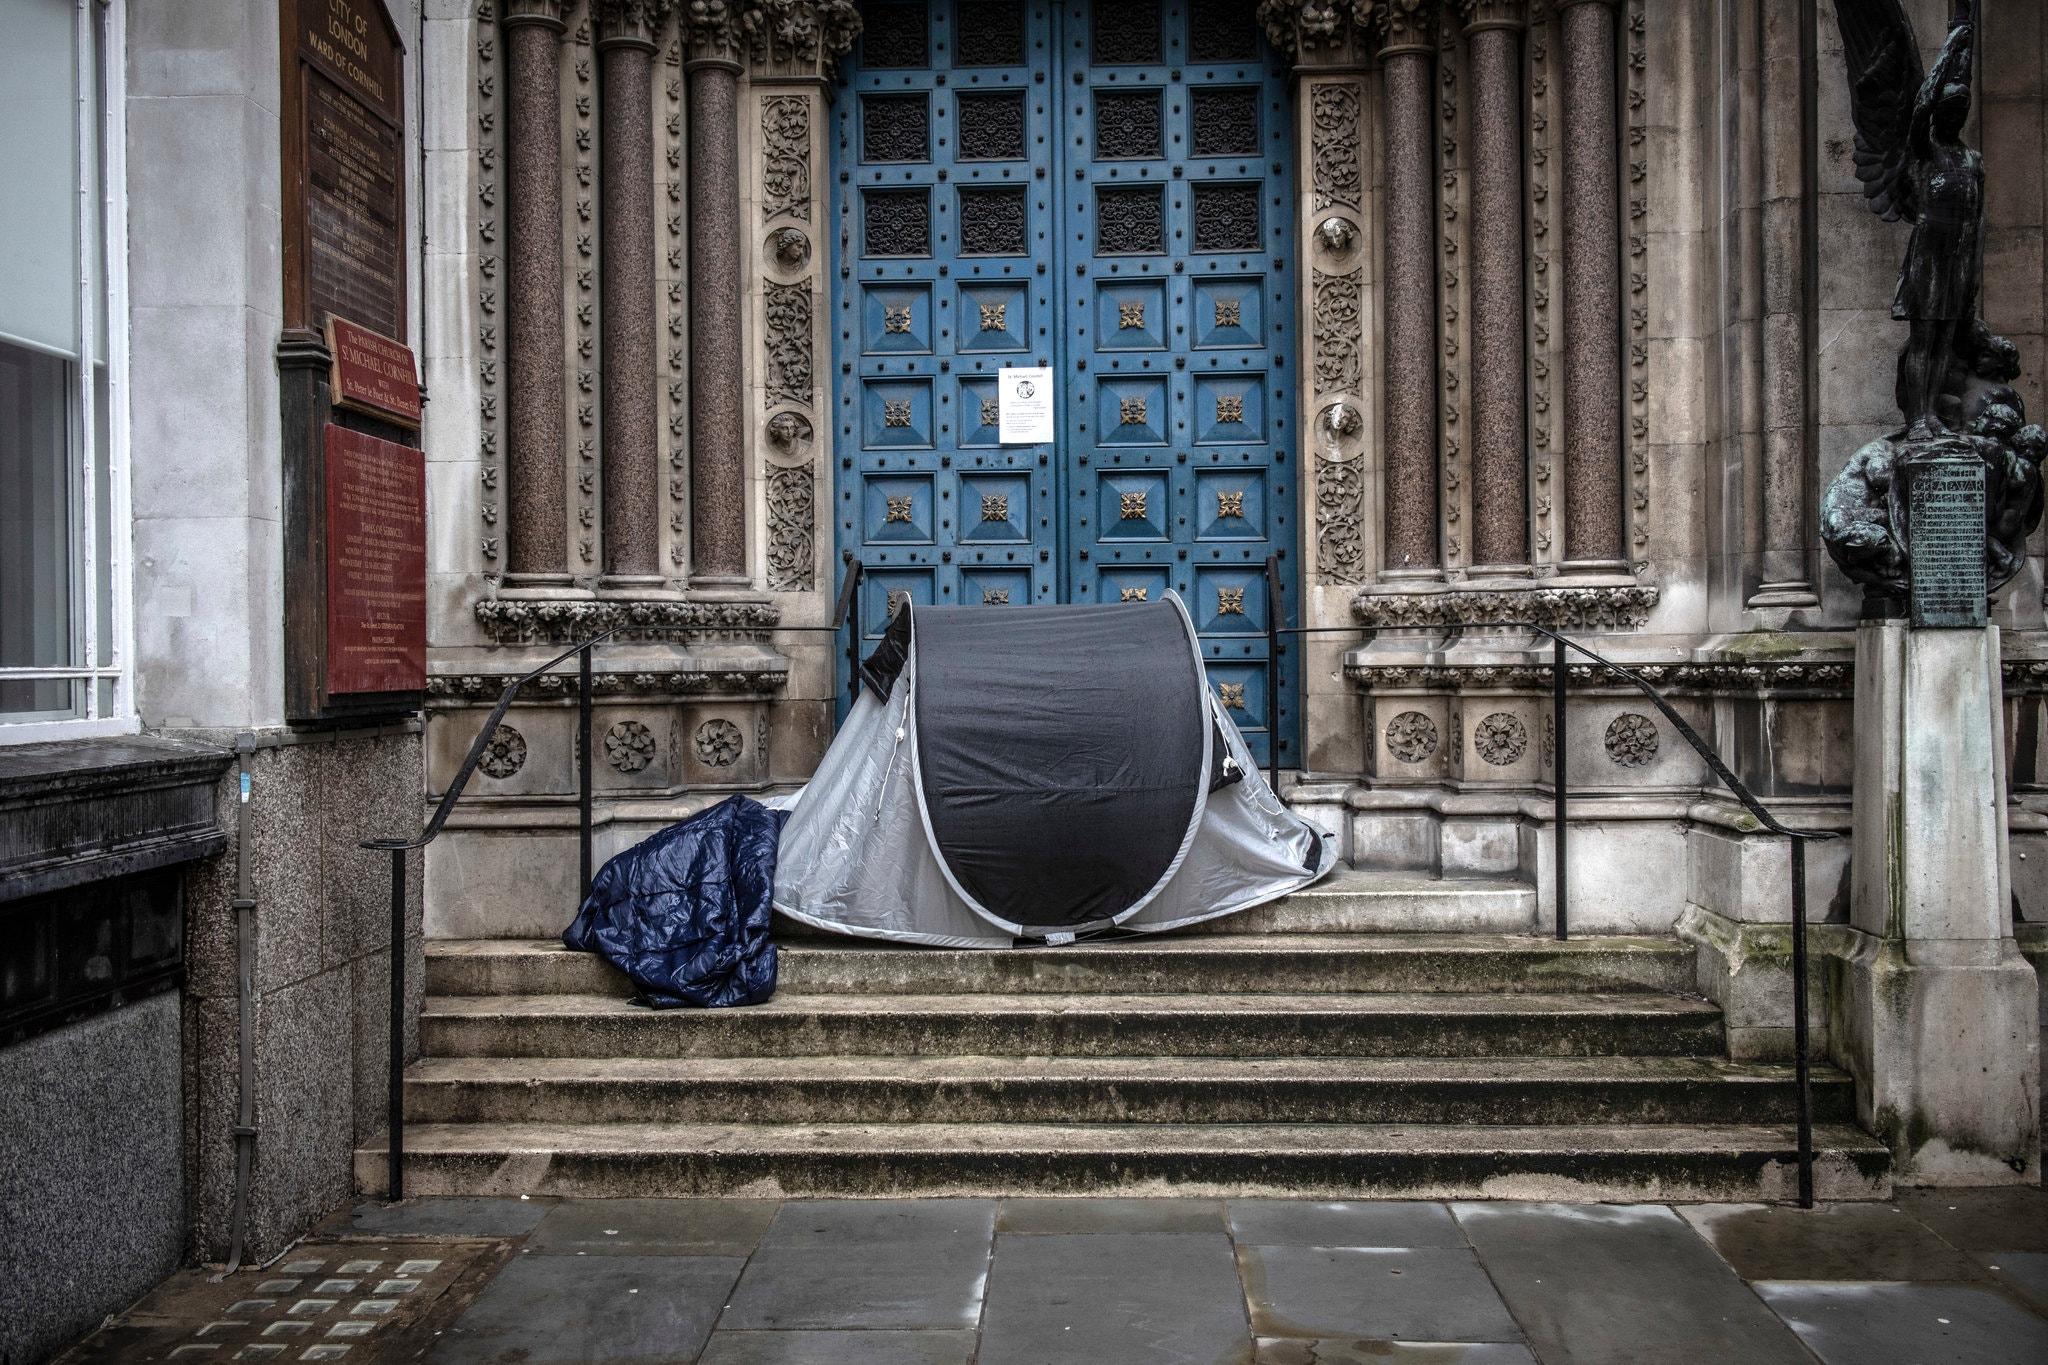 Lều của một người vô gia cư ngoài thềm của một nhà thờ, ở khu tài chính của London. Ảnh: Nytimes